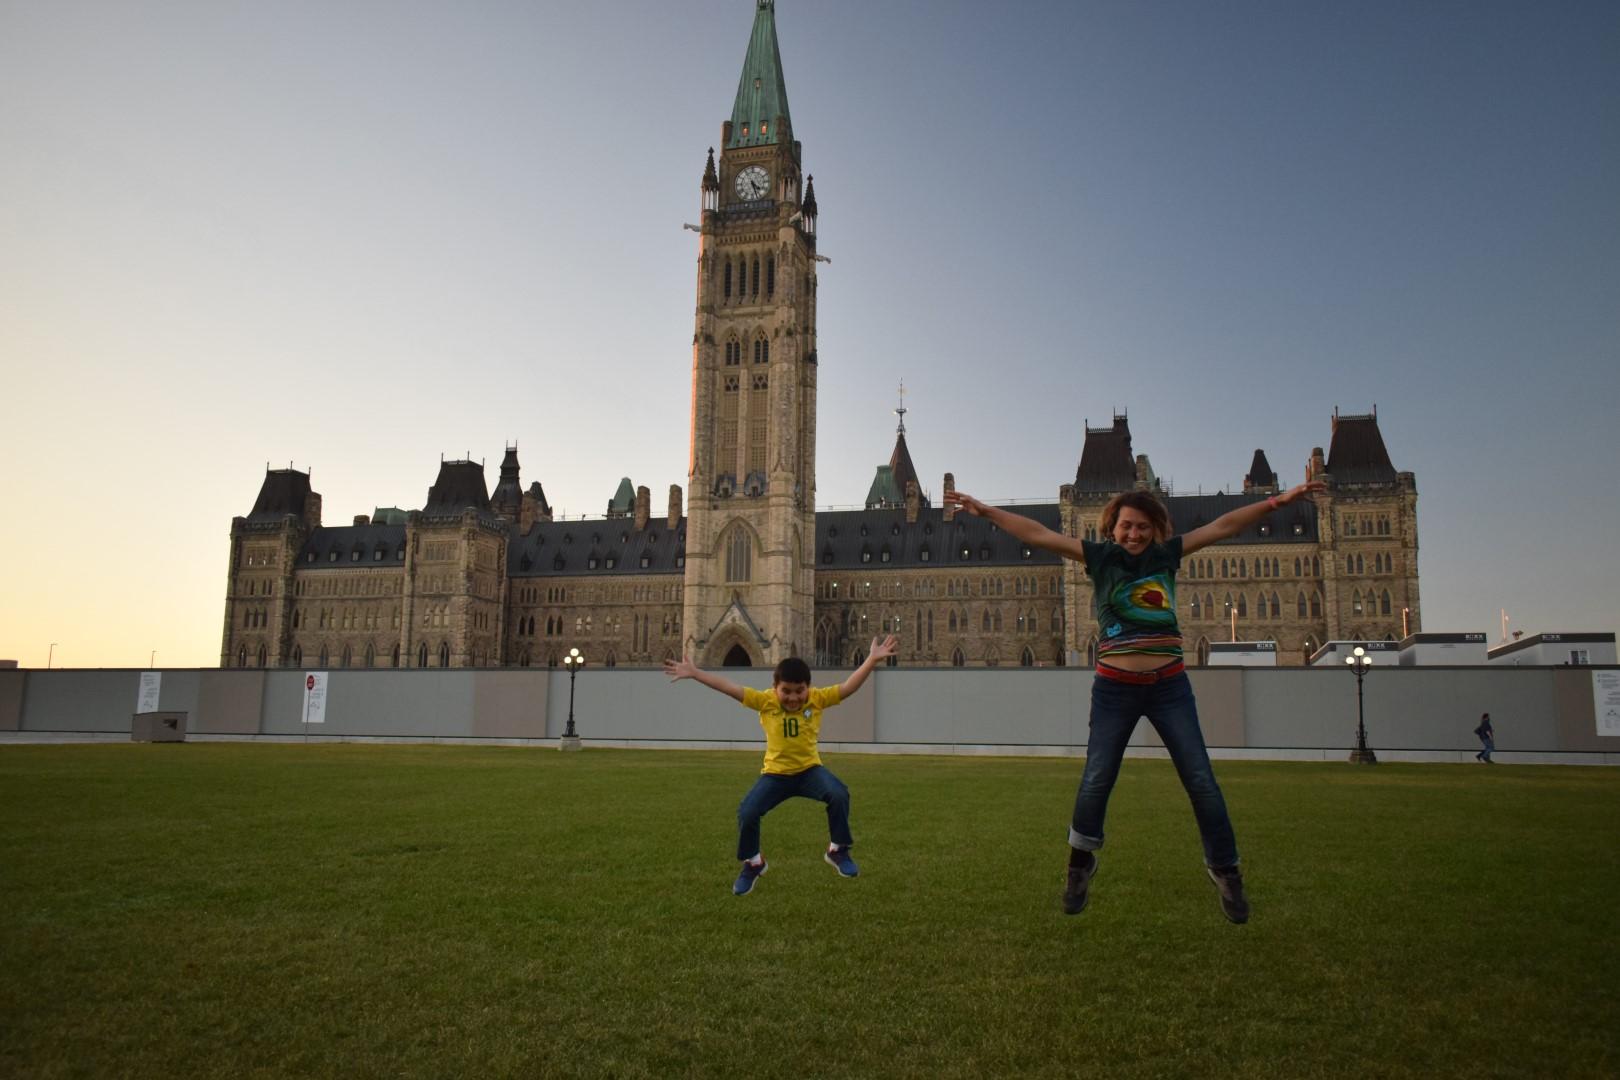 Parliament Hill, Ottawa, November 2020